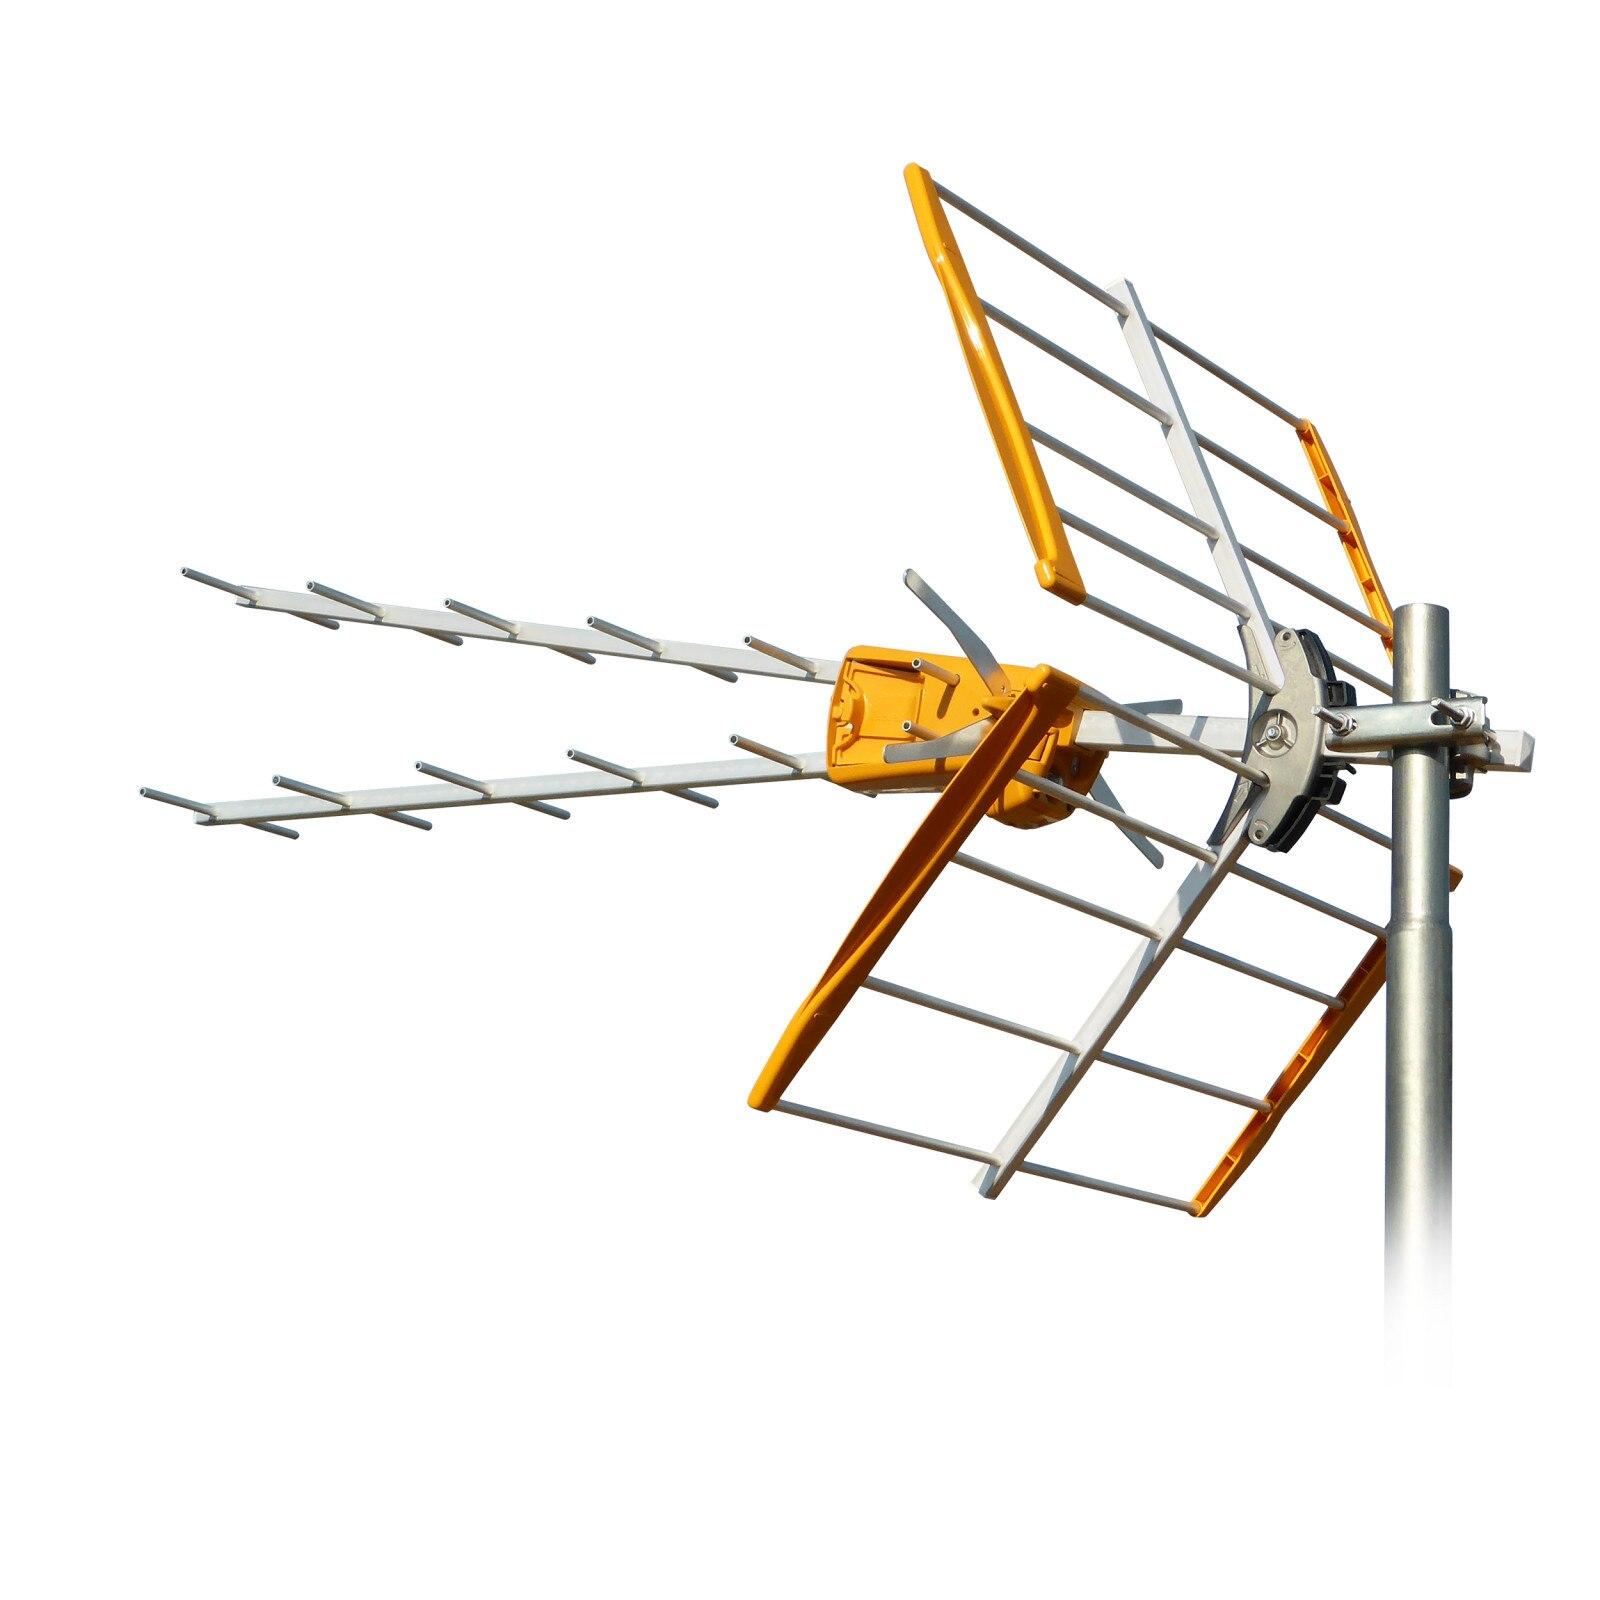 Uhf Antenna V Zenit C21-c48 15db Lte700 149222